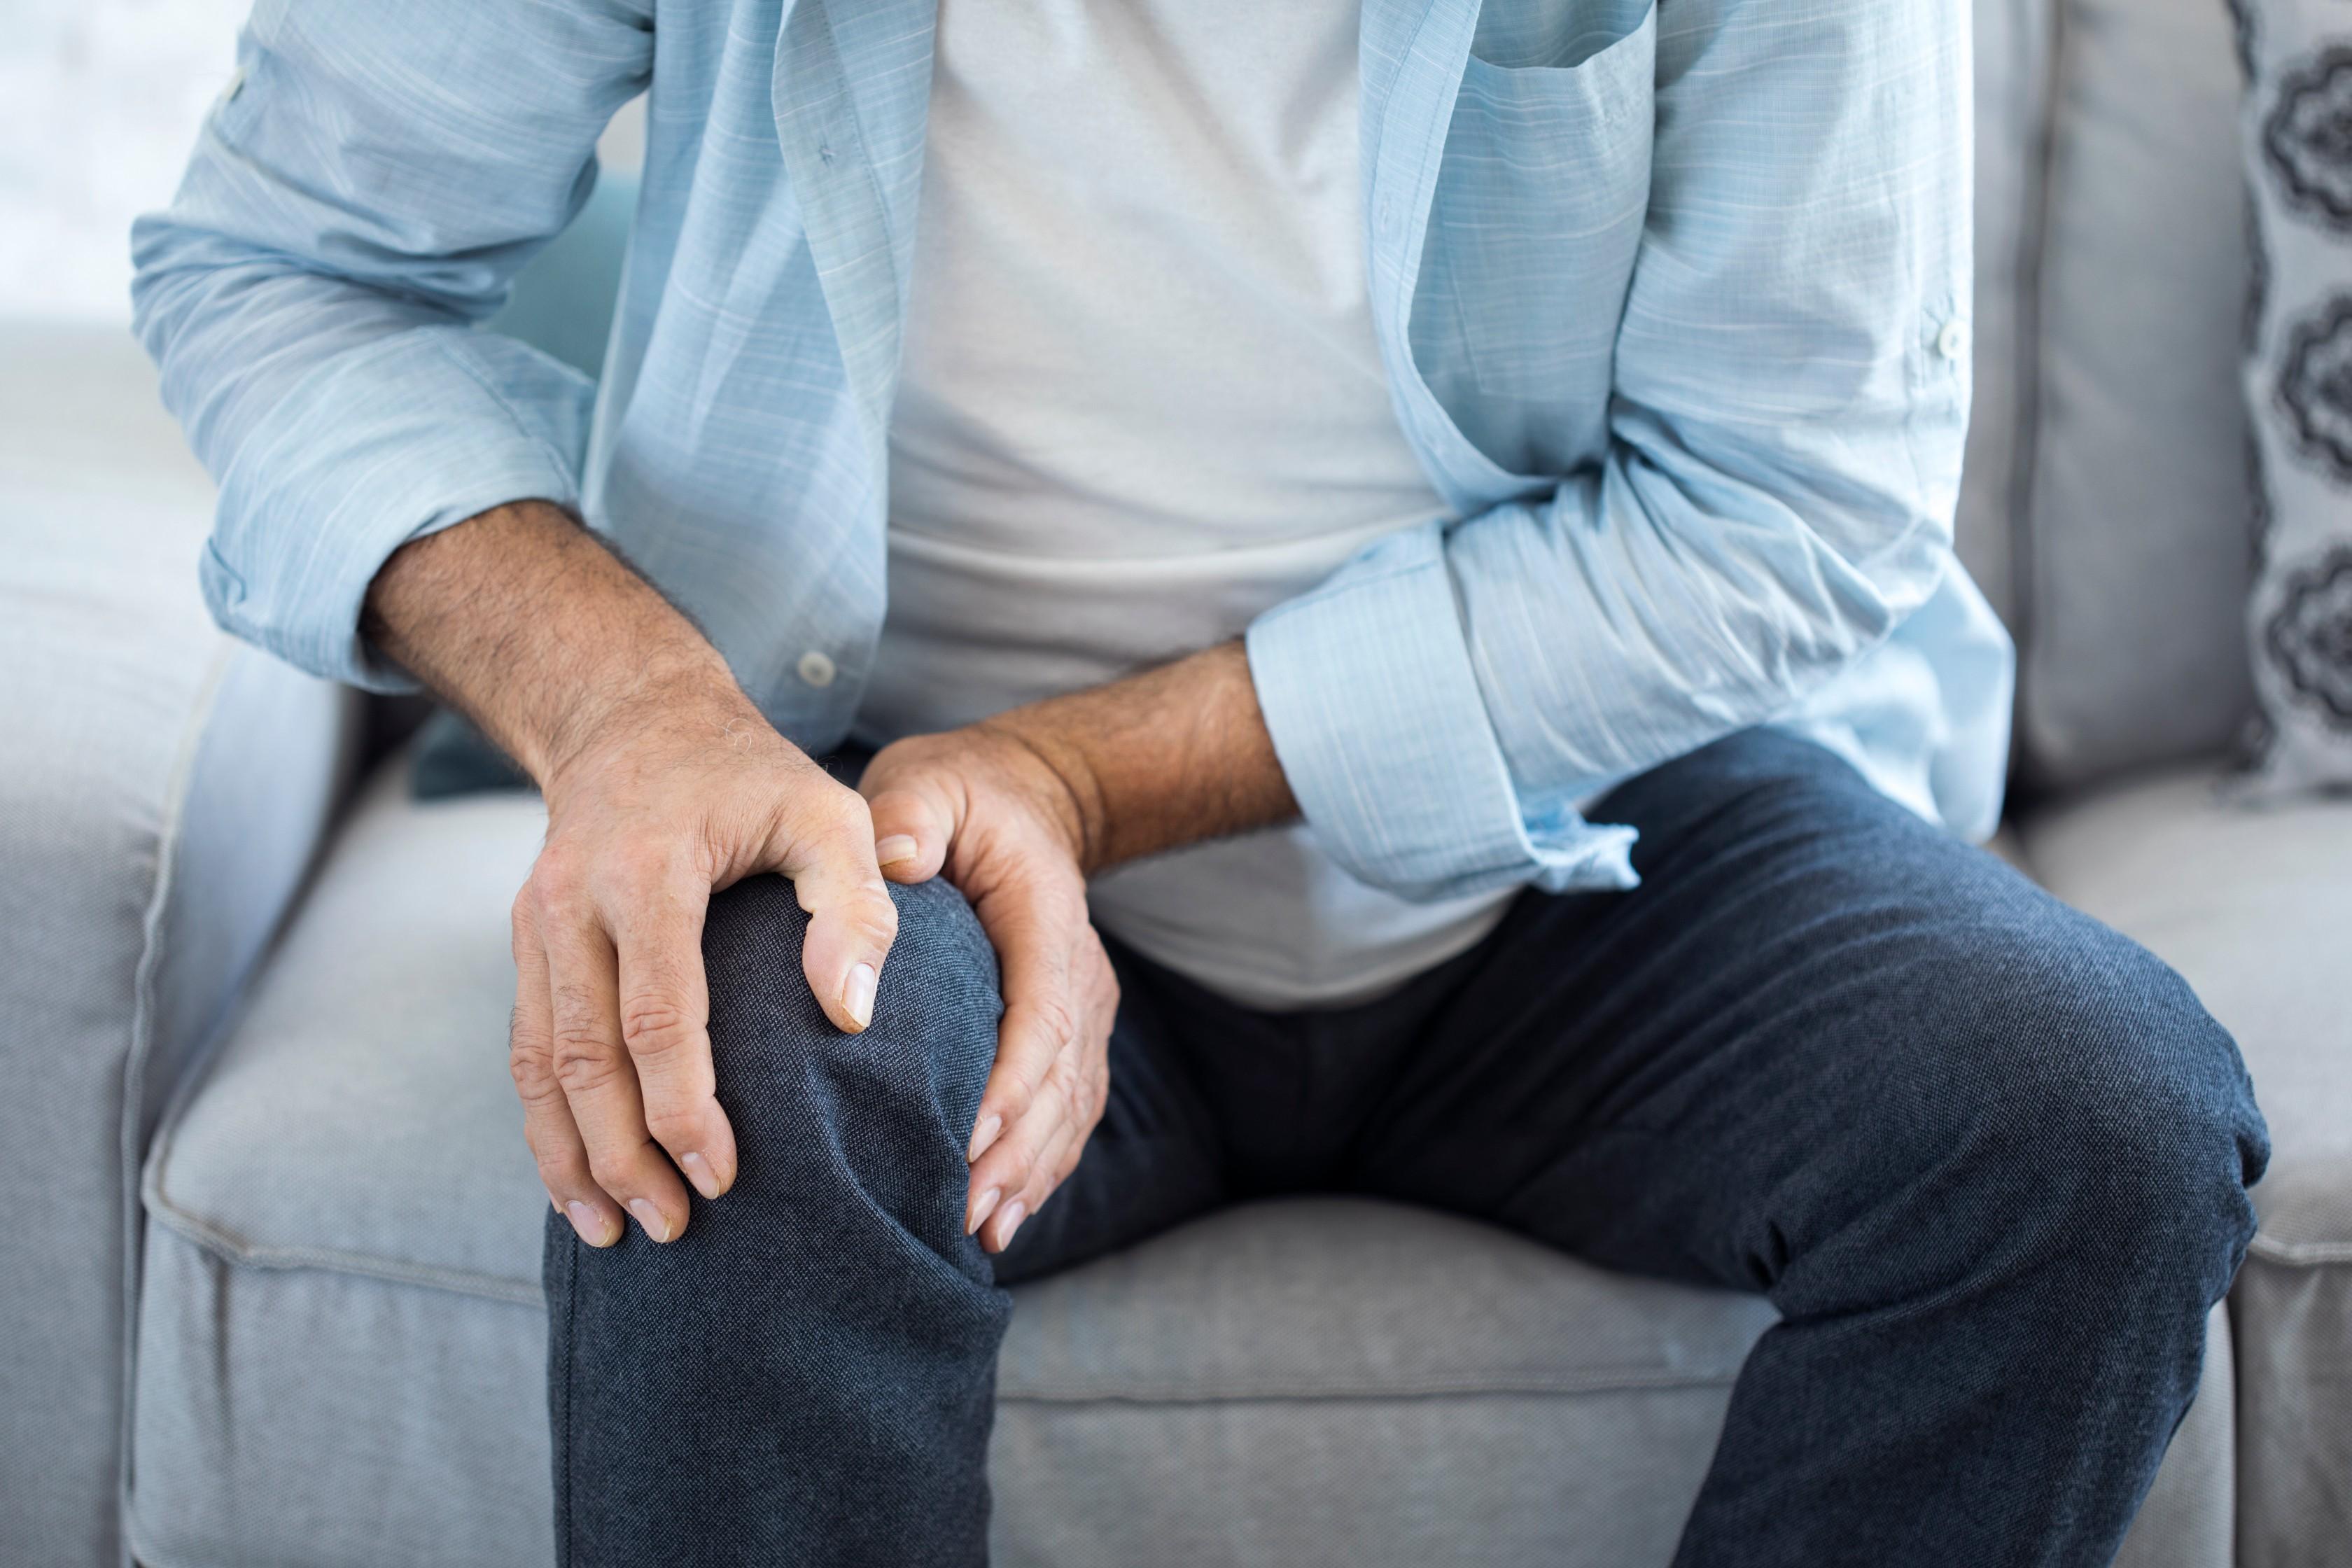 csípőízületi fájdalom egy tinédzserben